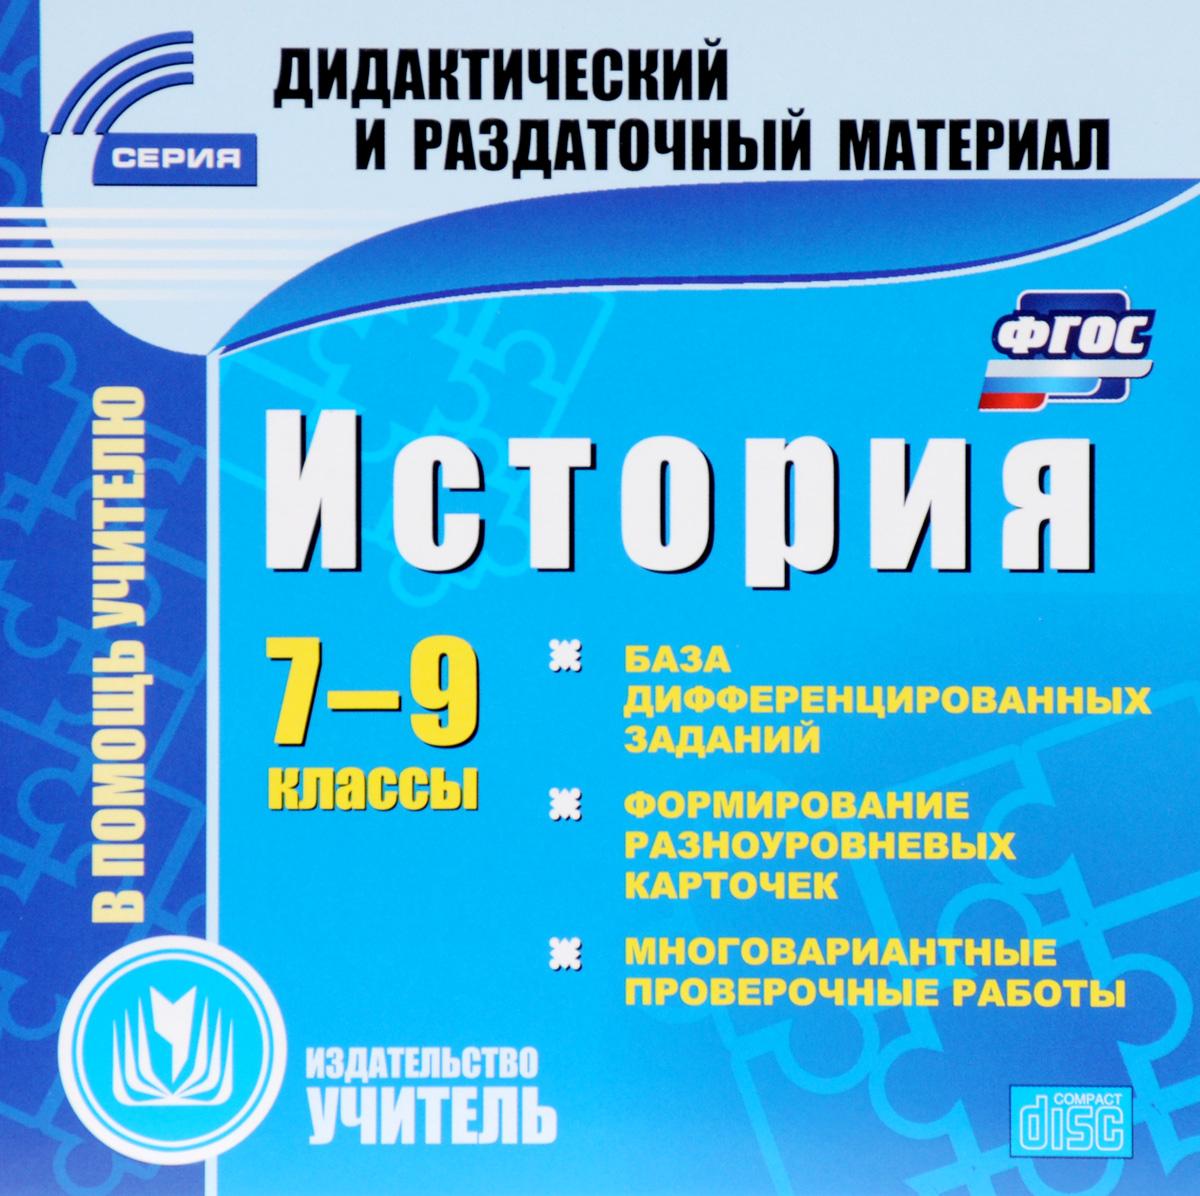 Zakazat.ru: История. 7–9 классы. База дифференцированных заданий. Формирование разноуровневых карточек. Многовариантные проверочные работы